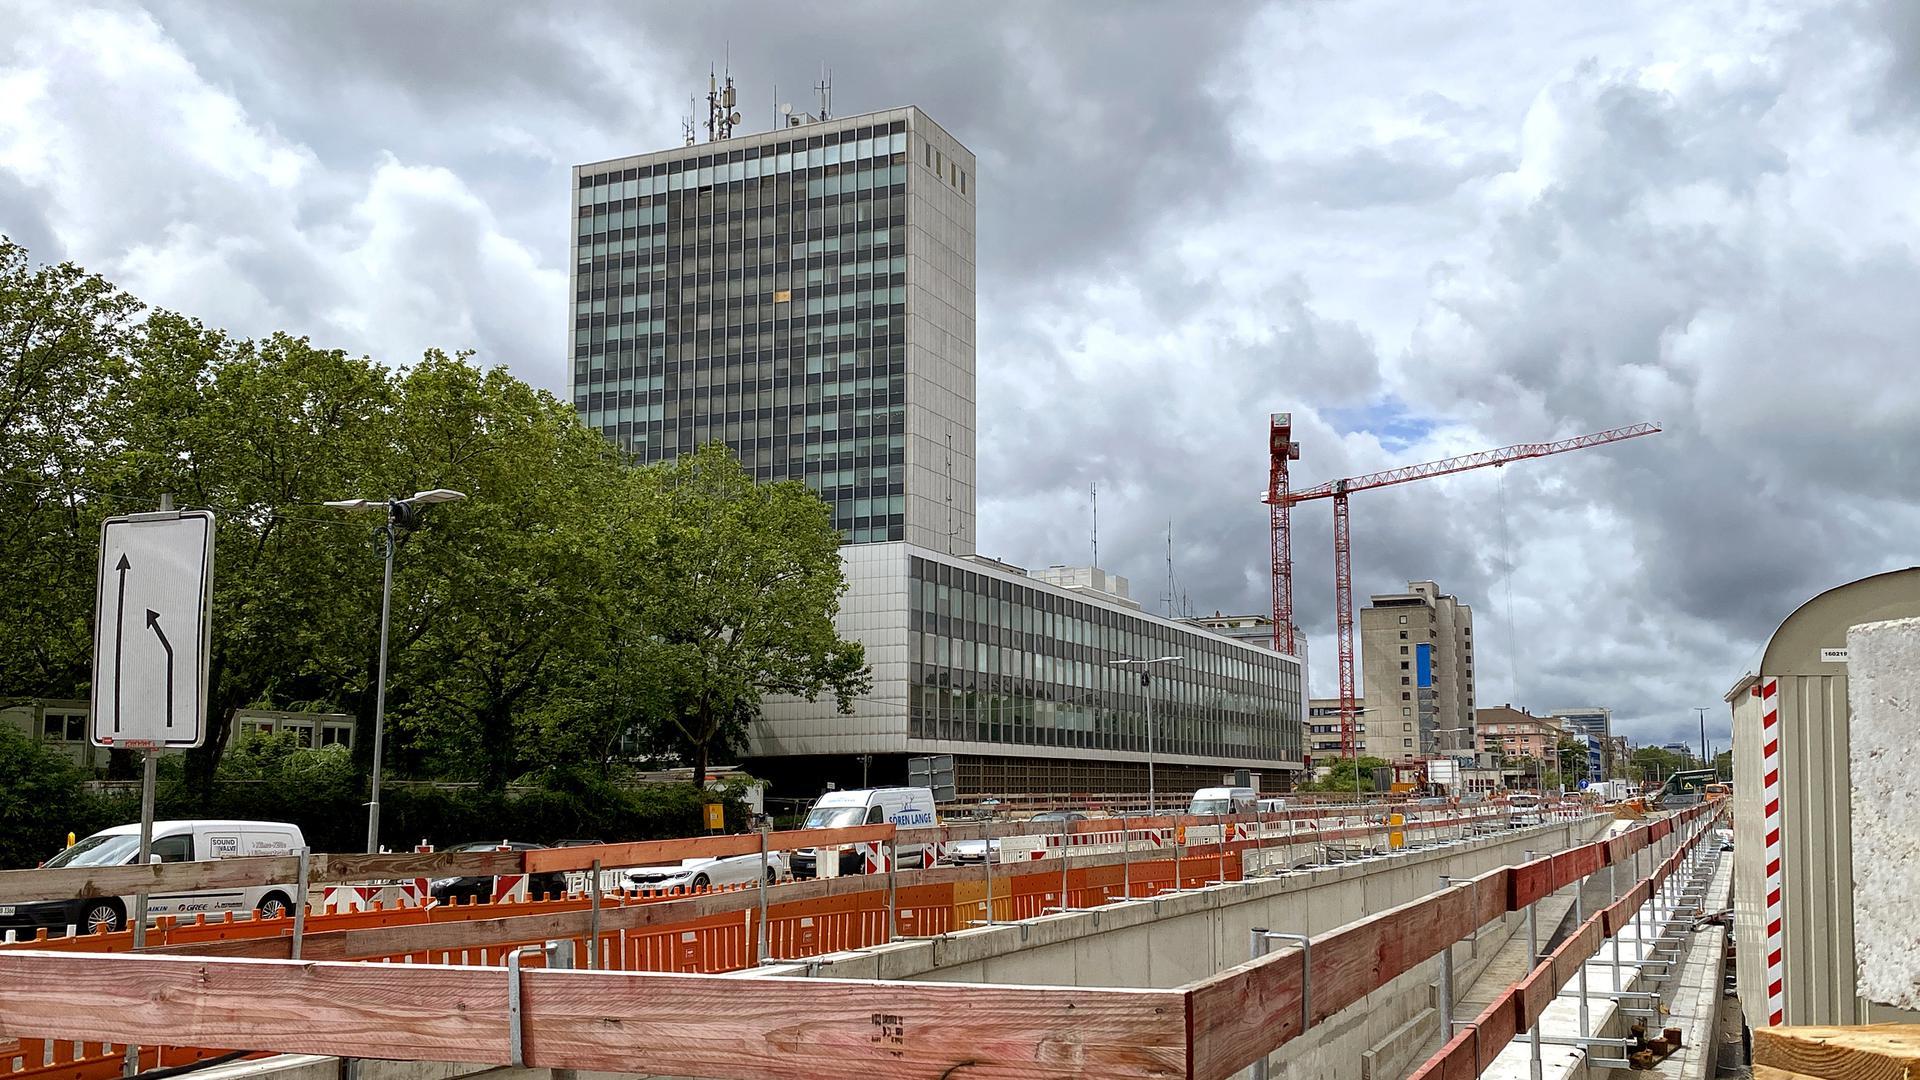 Das Gebäudeensemble des Landratsamts in Karlsruhe